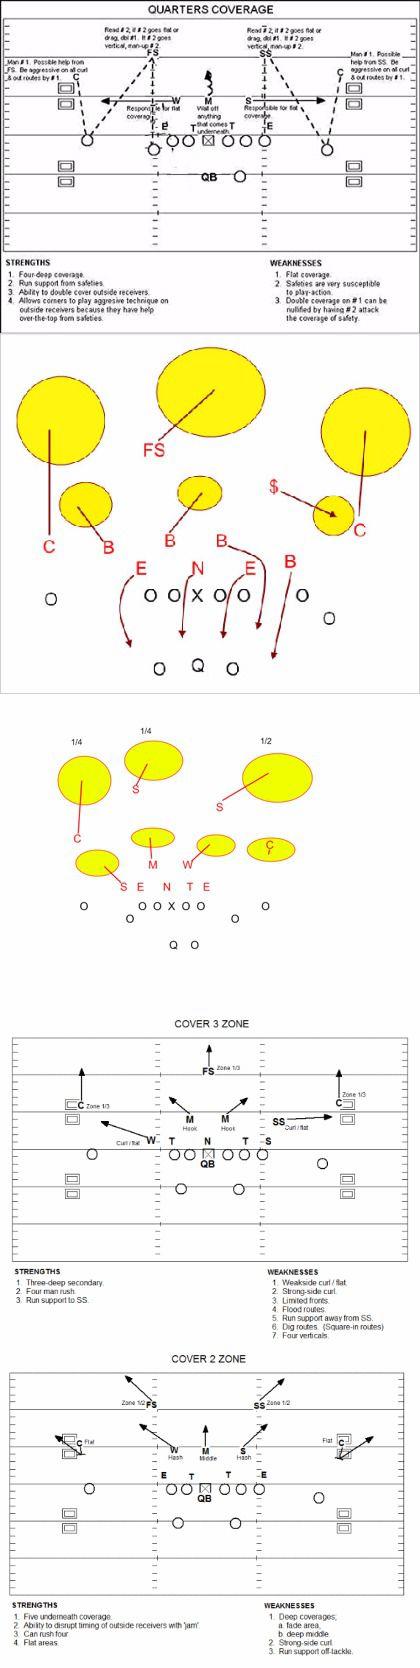 (images via smartfootball.com and elevenwarriors.com)